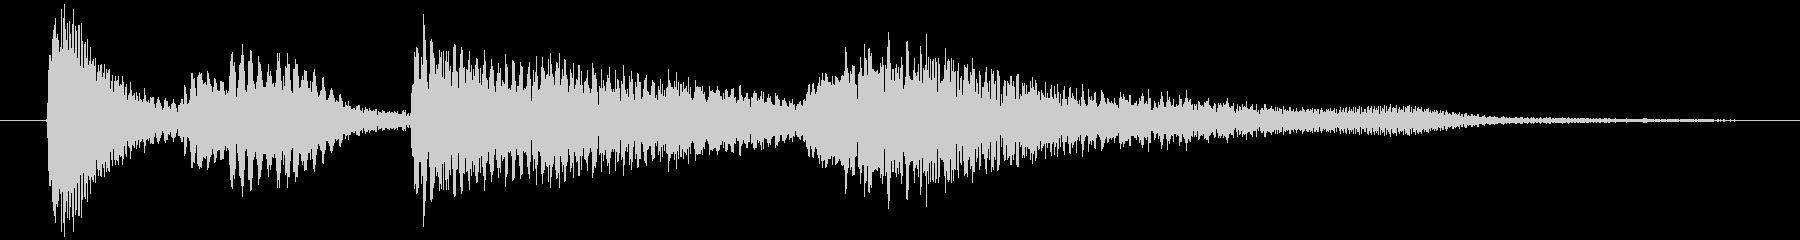 ピアノのシンプルなジングル4秒の未再生の波形